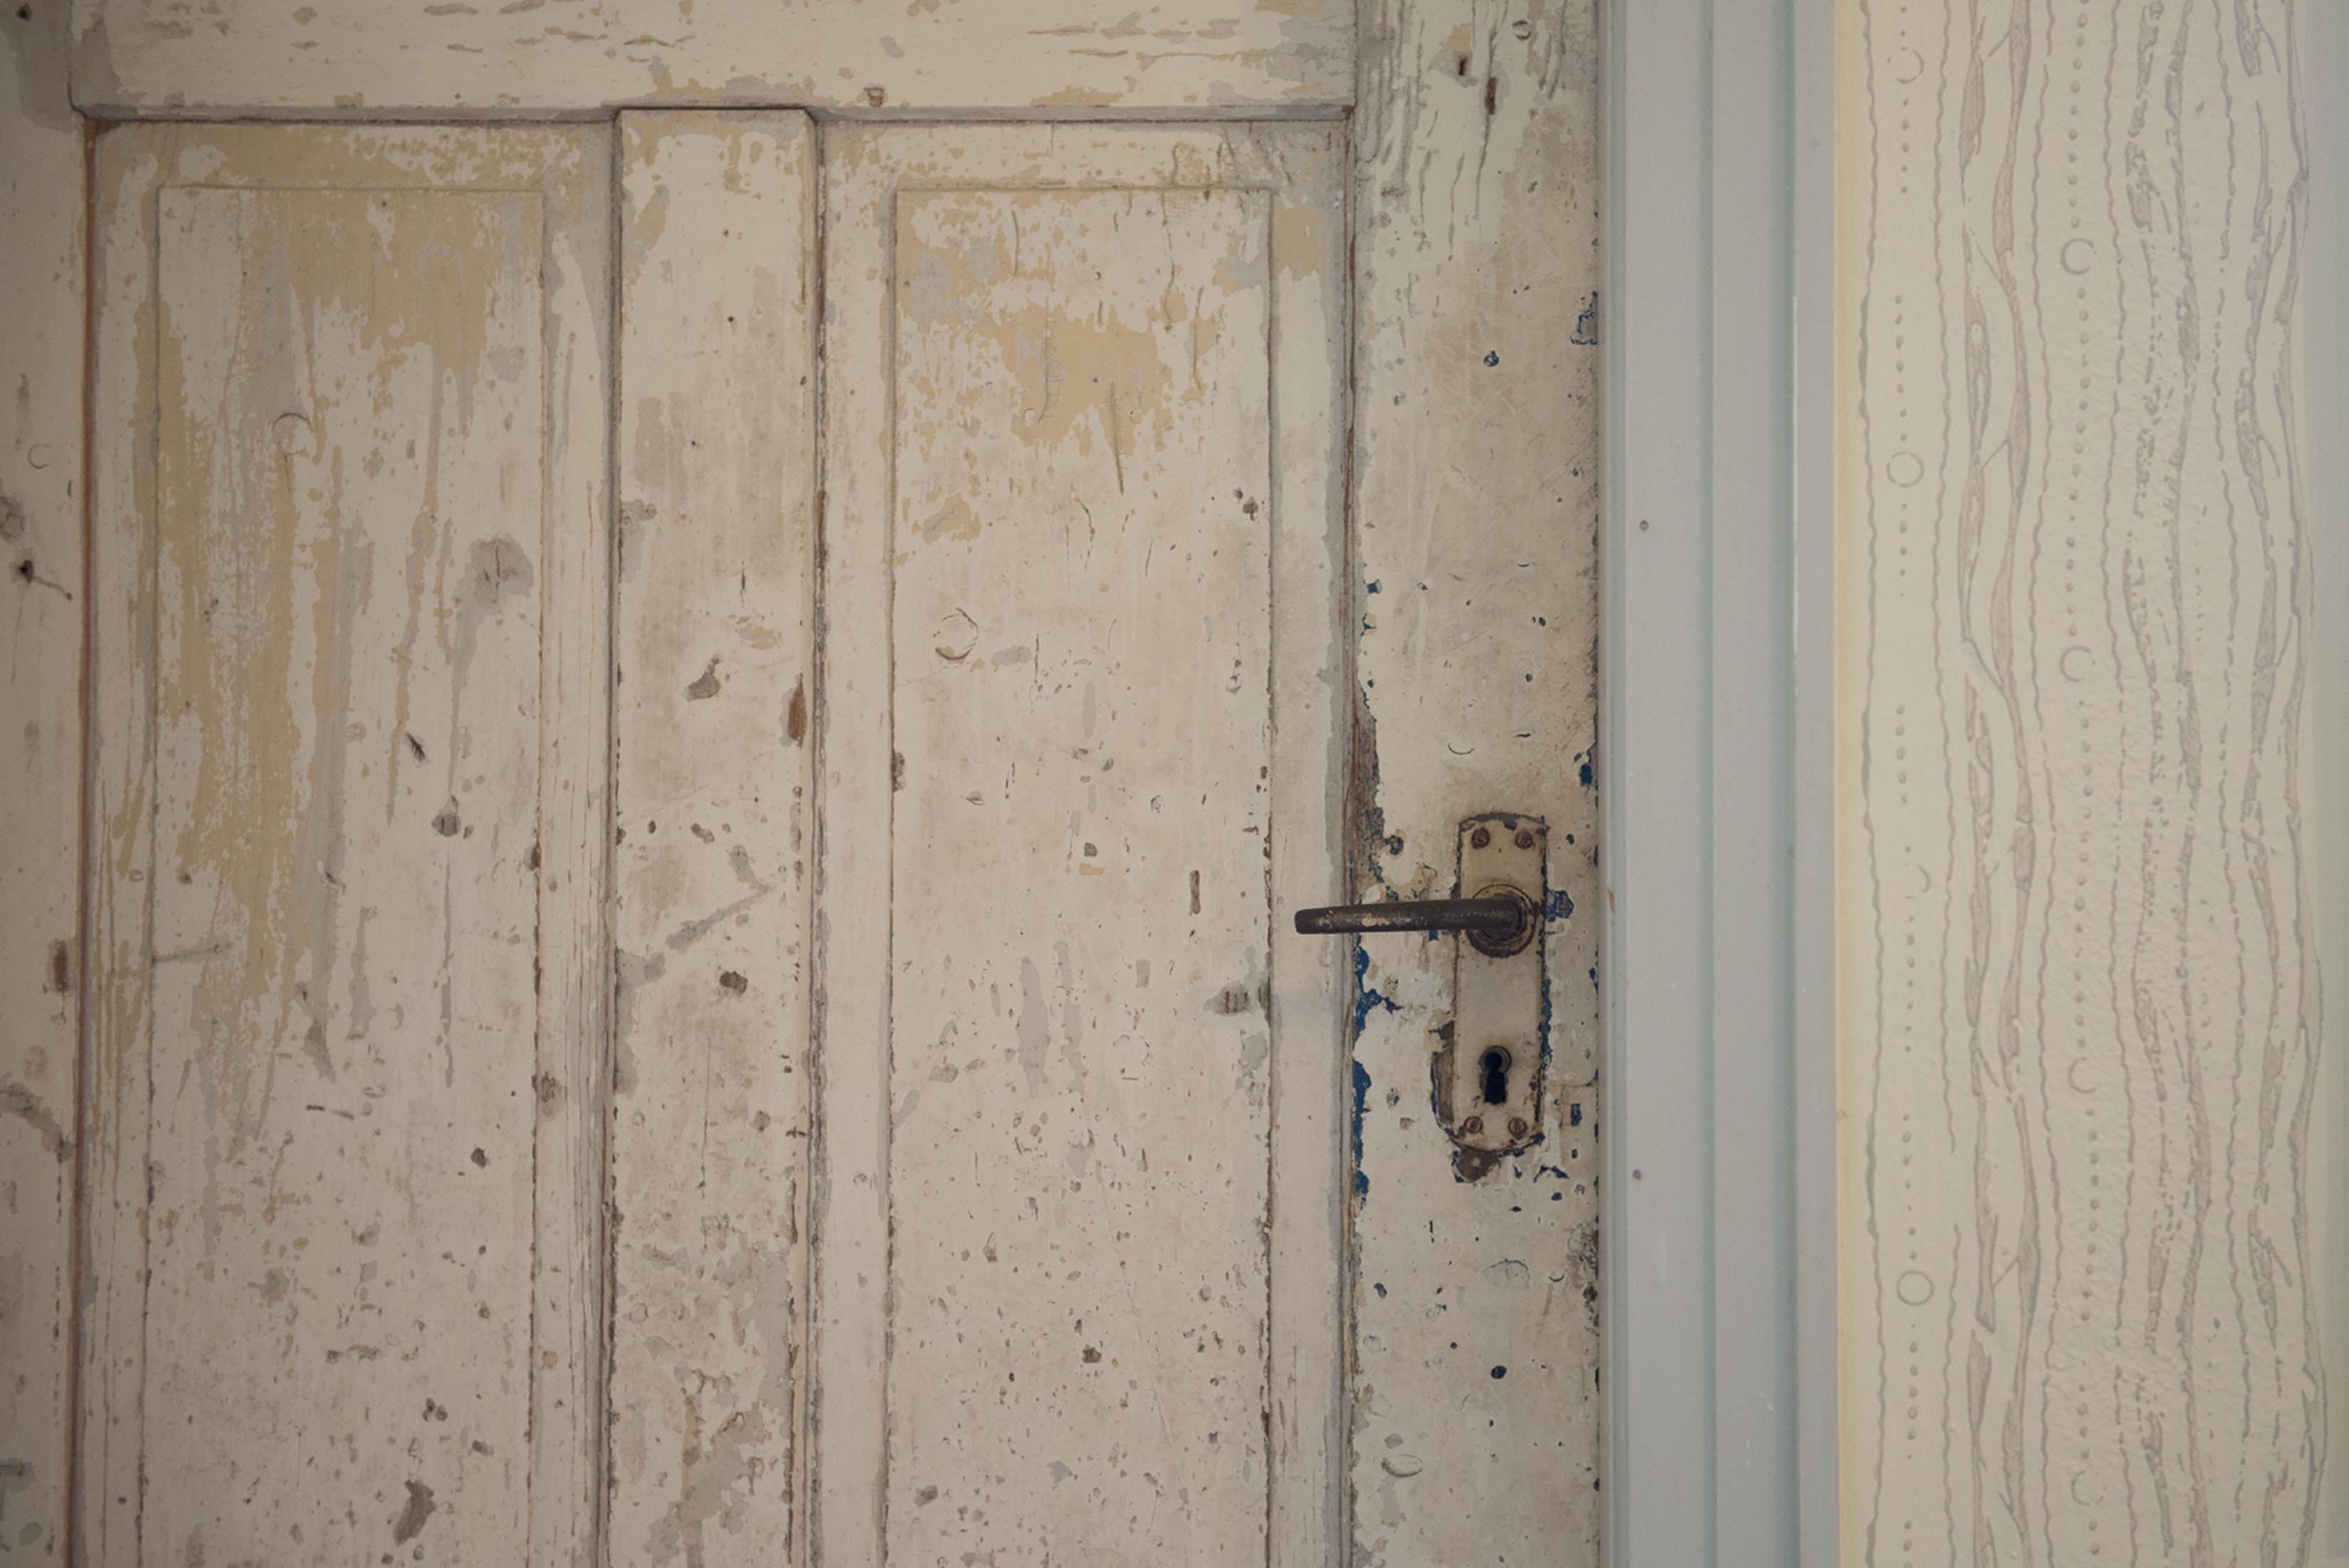 Ausschnitt einer weißen Holztür